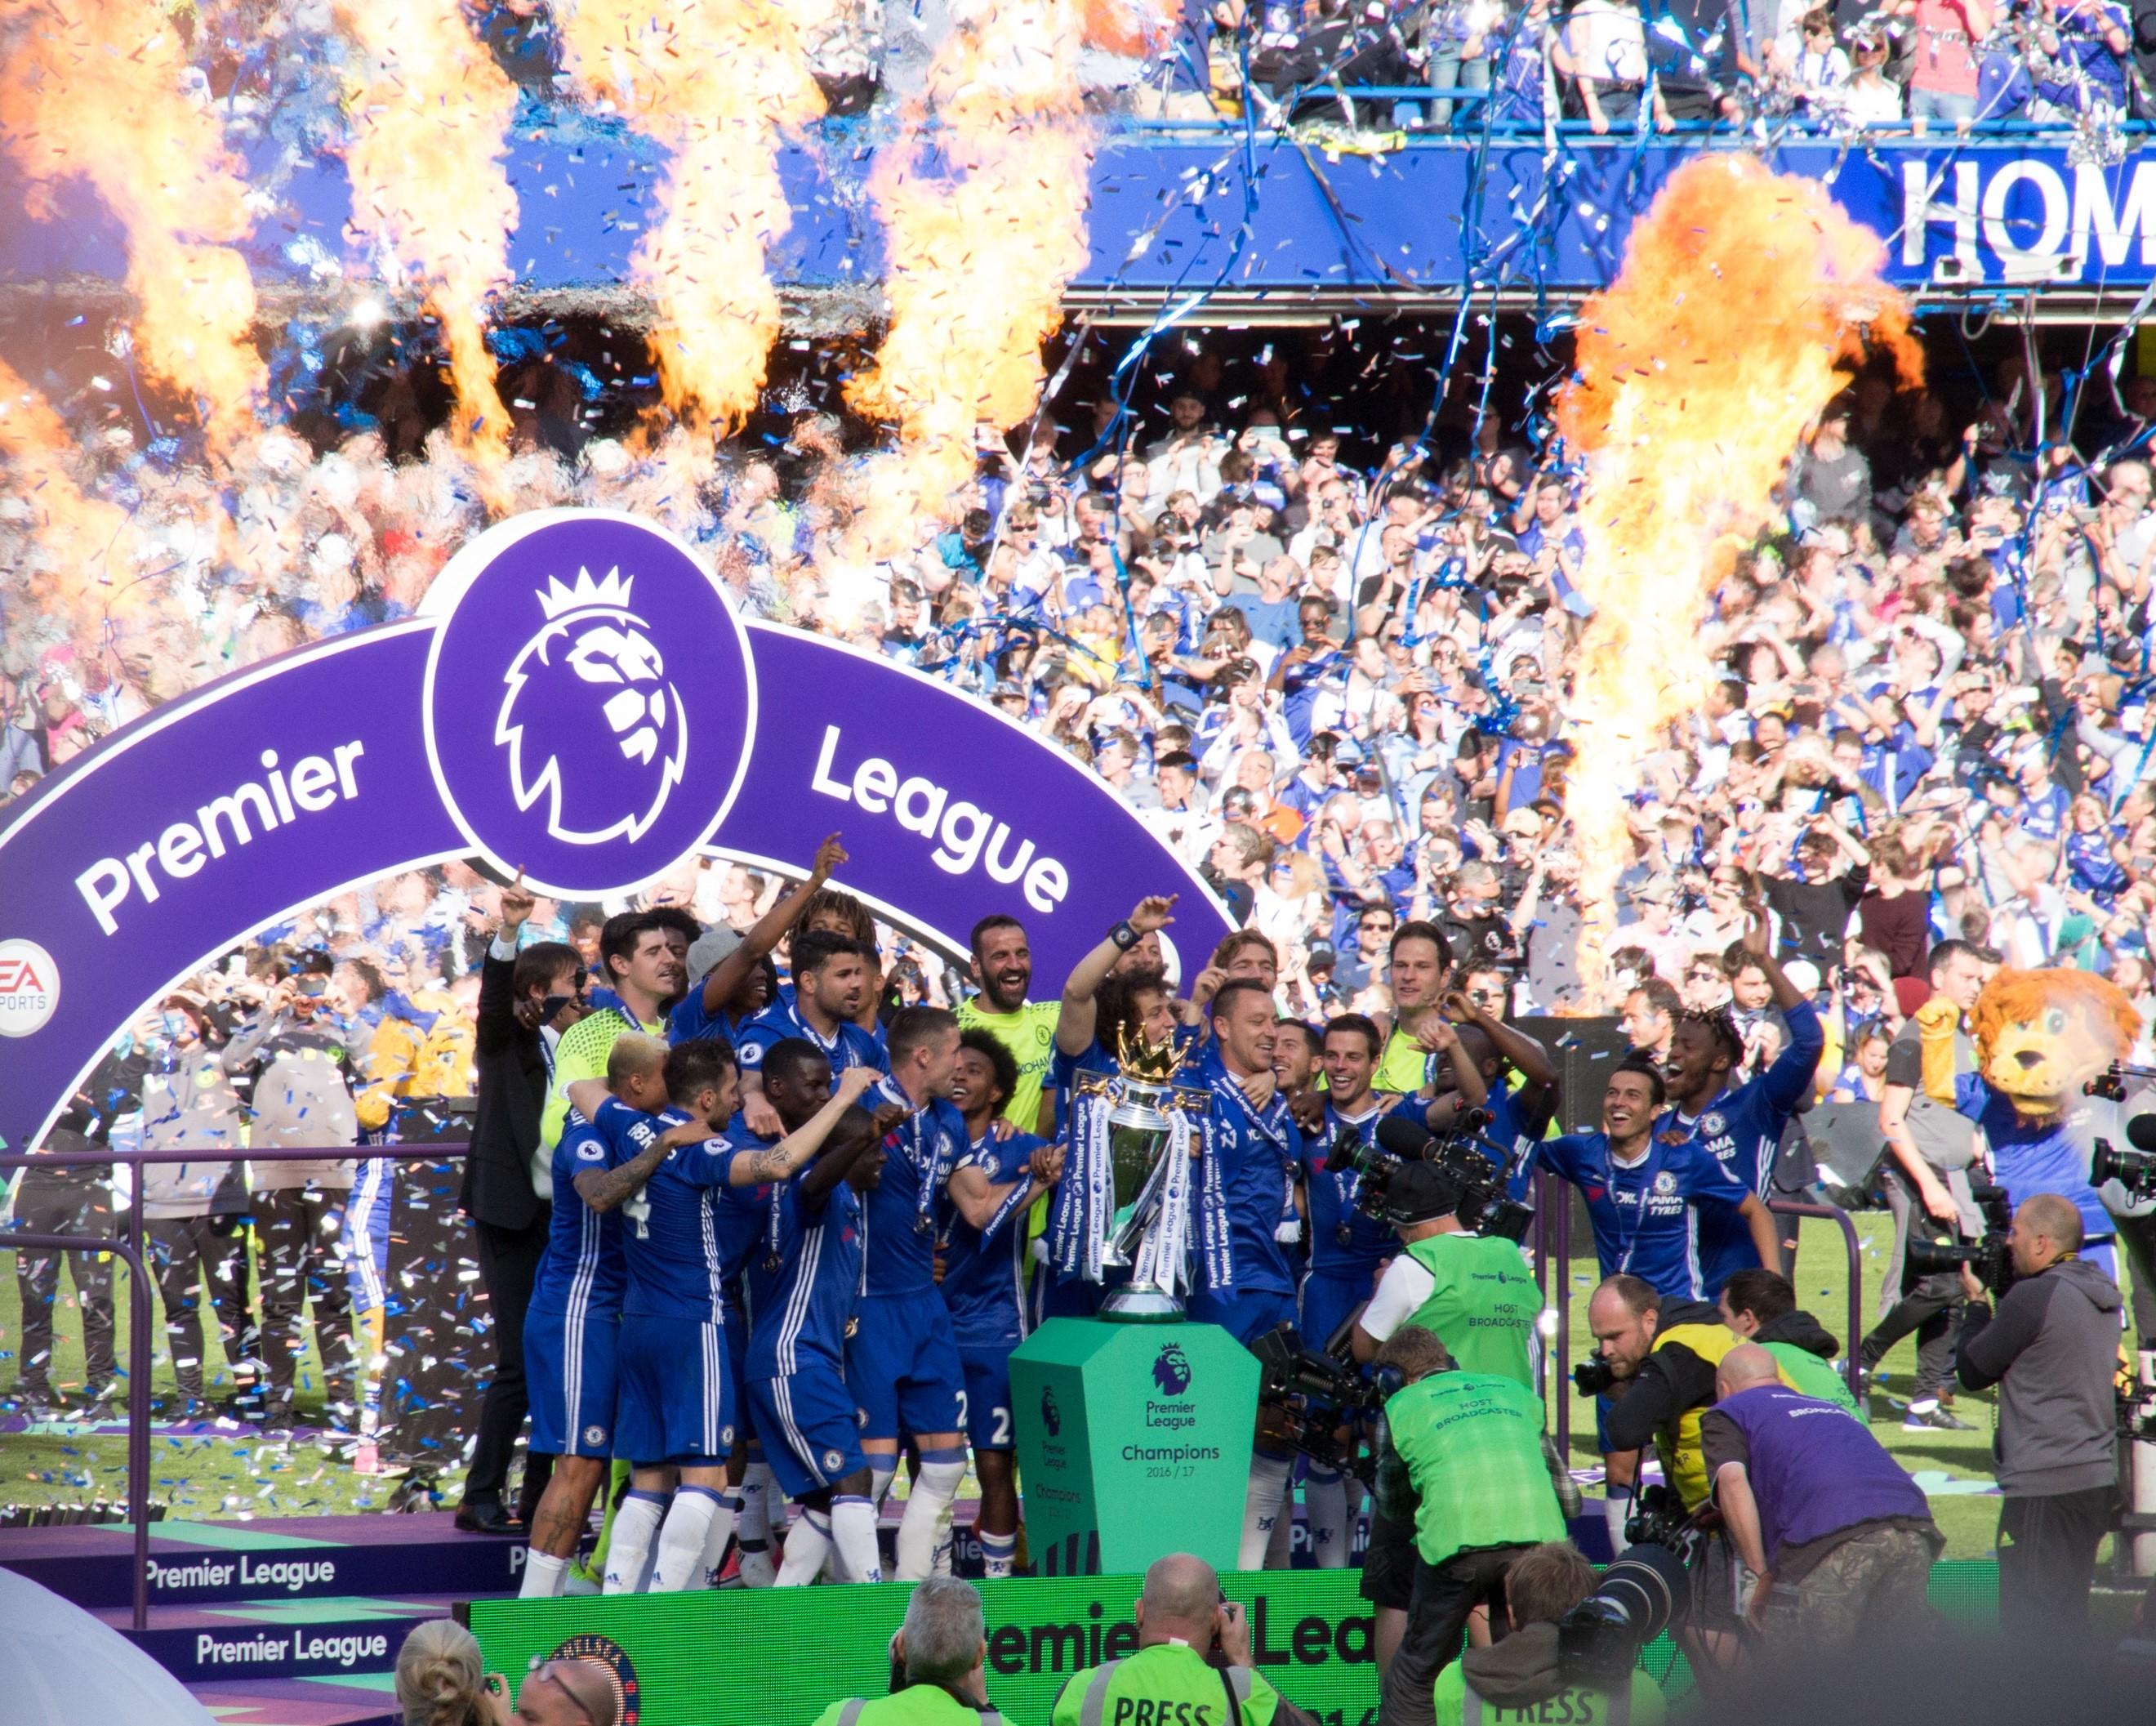 Football anglais, football parfait?